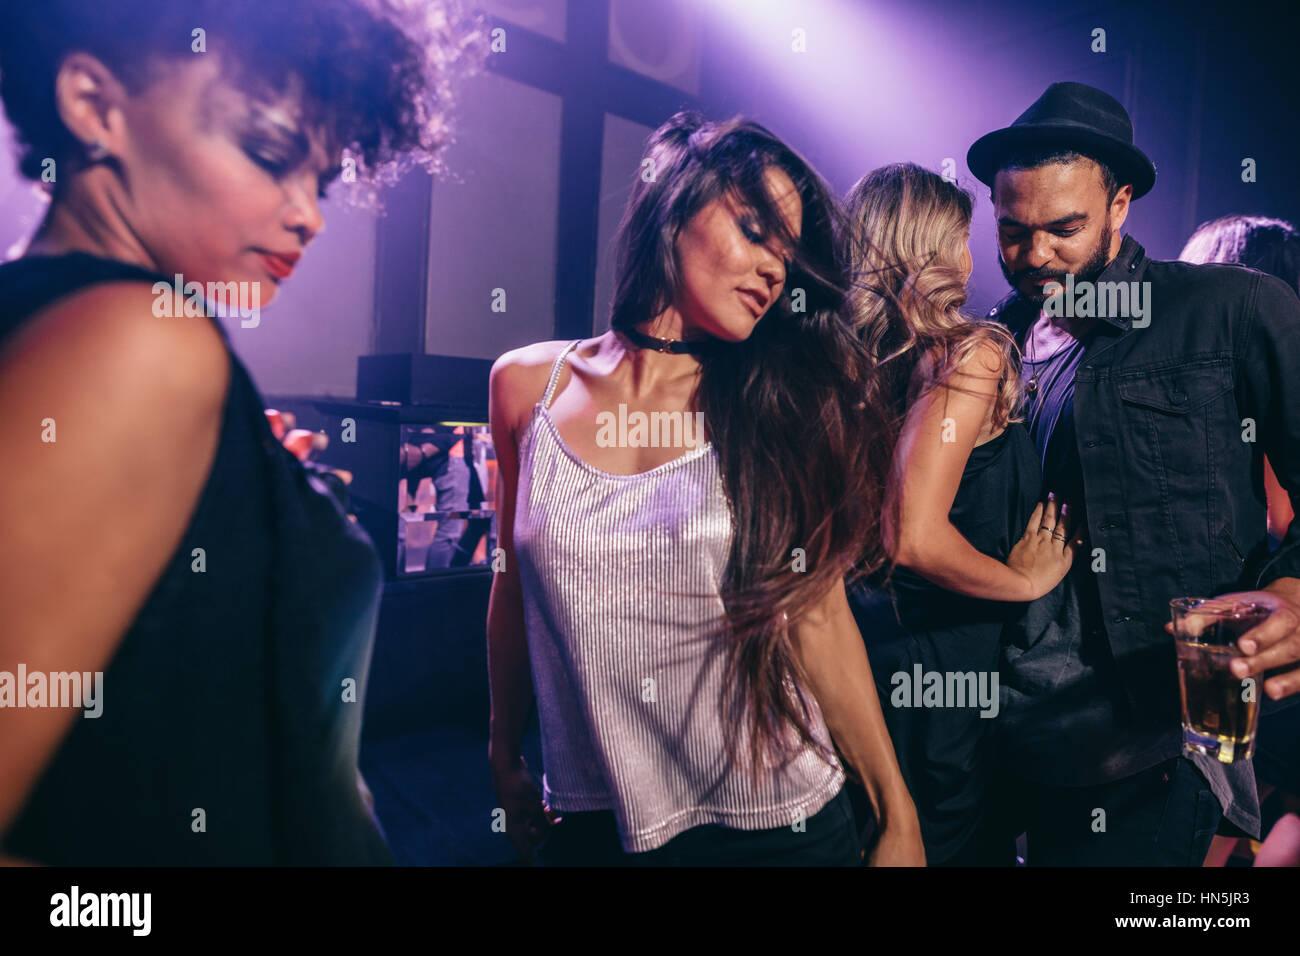 Mujer joven bailando en parte con amigos cercanos. Grupo de jóvenes divirtiéndose en la discoteca. Imagen De Stock